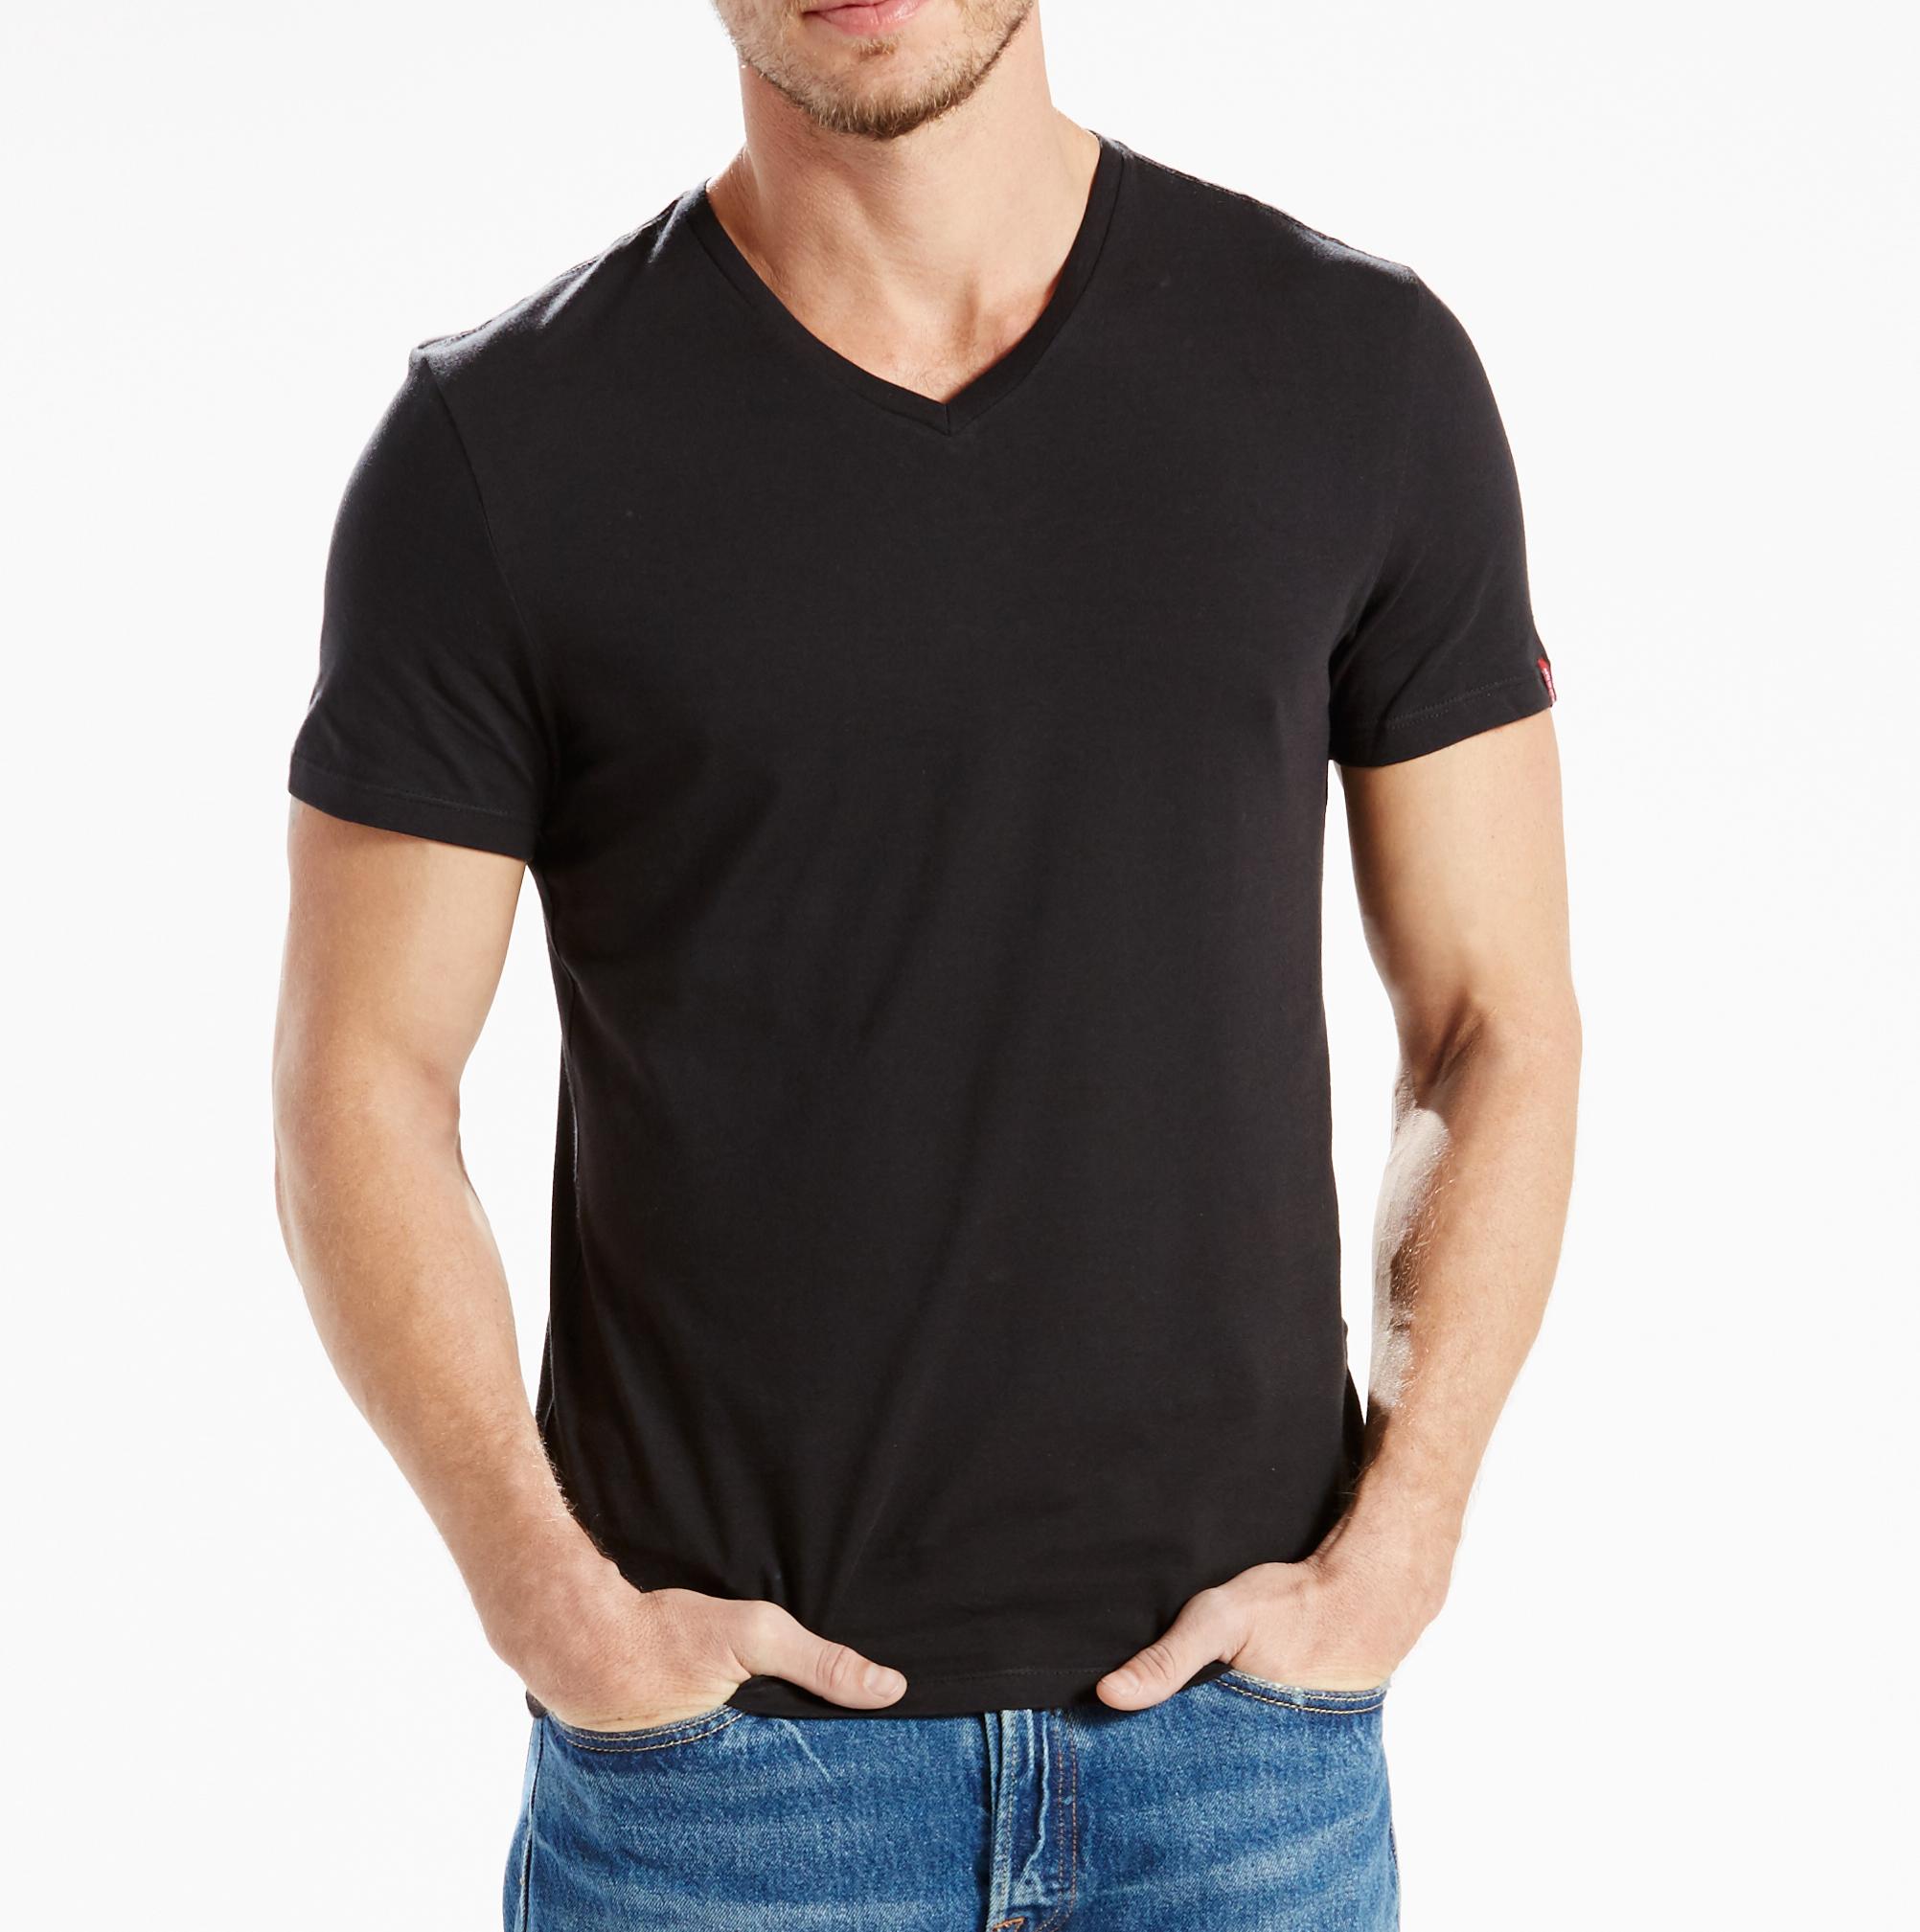 LEVIS 2er Pack Shirts V-Ausschnitt T-Shirt 82983-0010 schwarz W18-LVT1